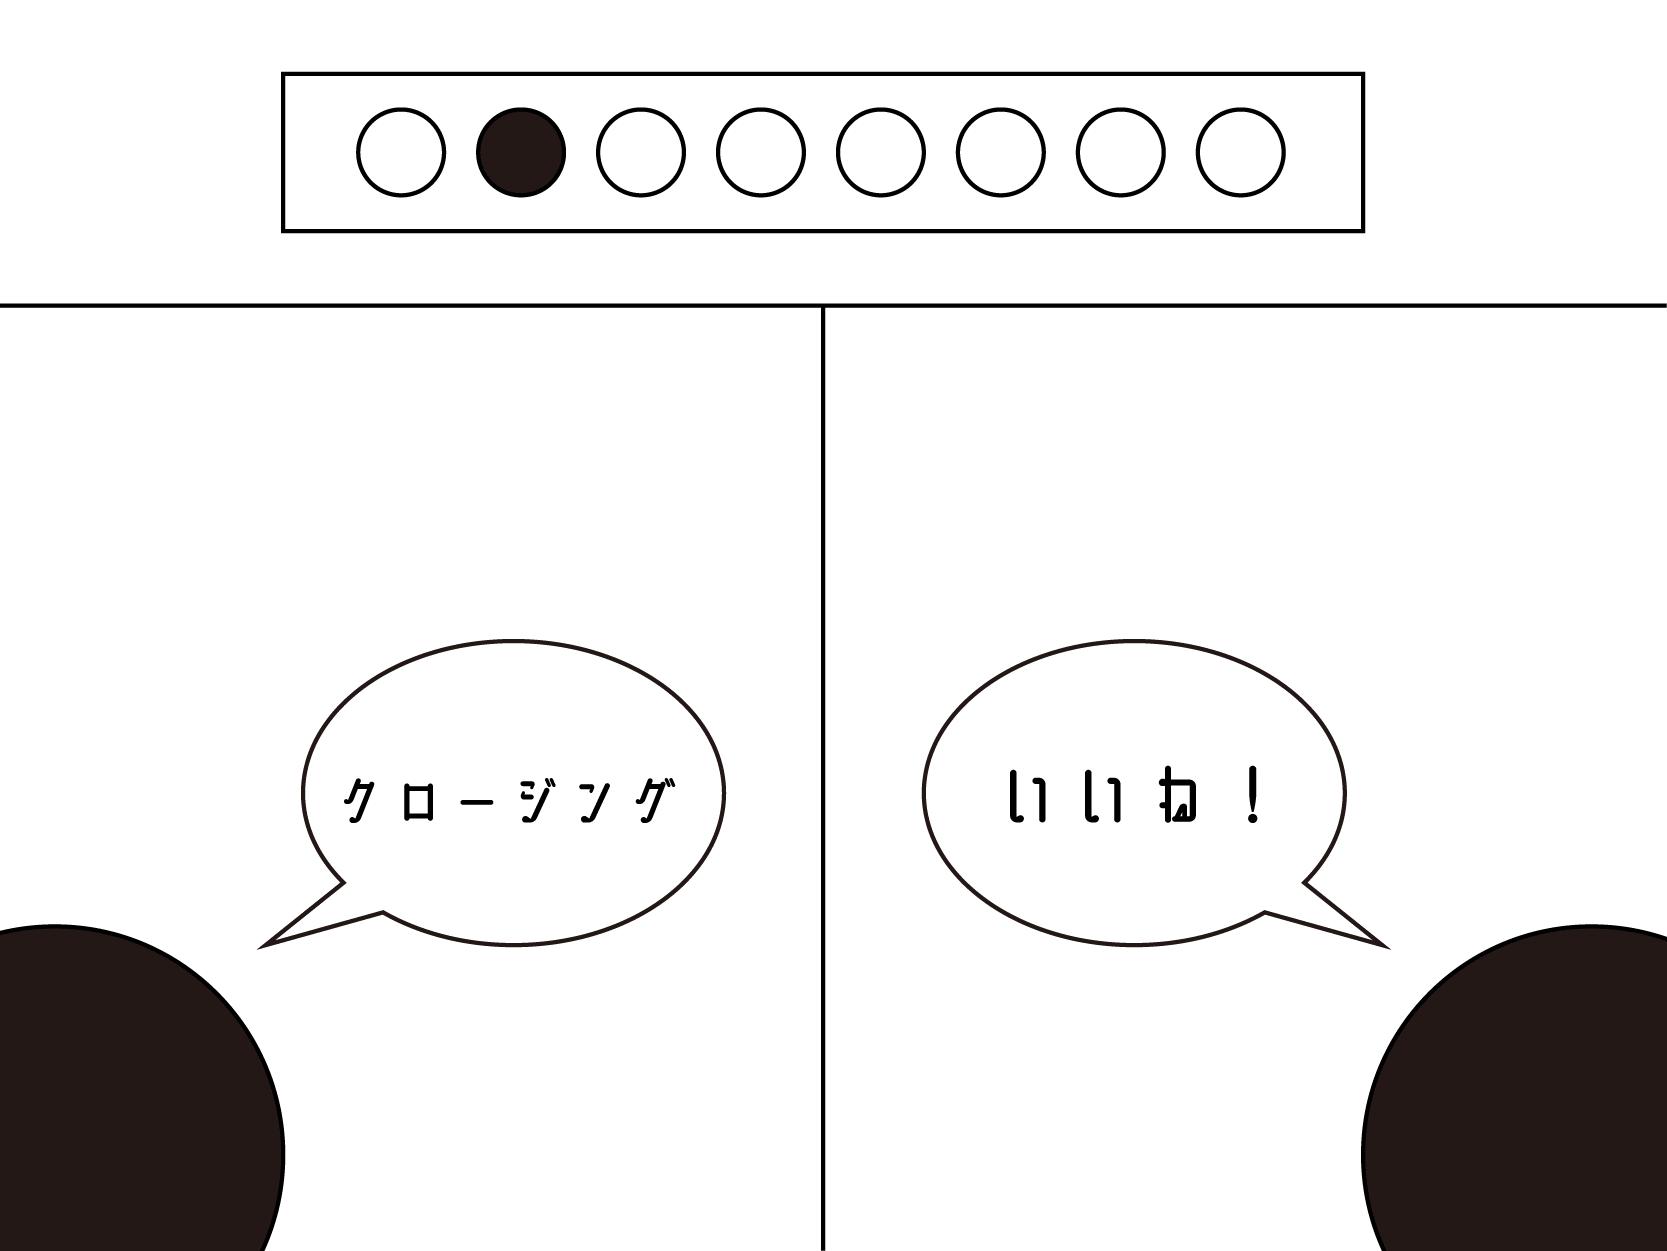 エレベーターピッチ-図-クロージング